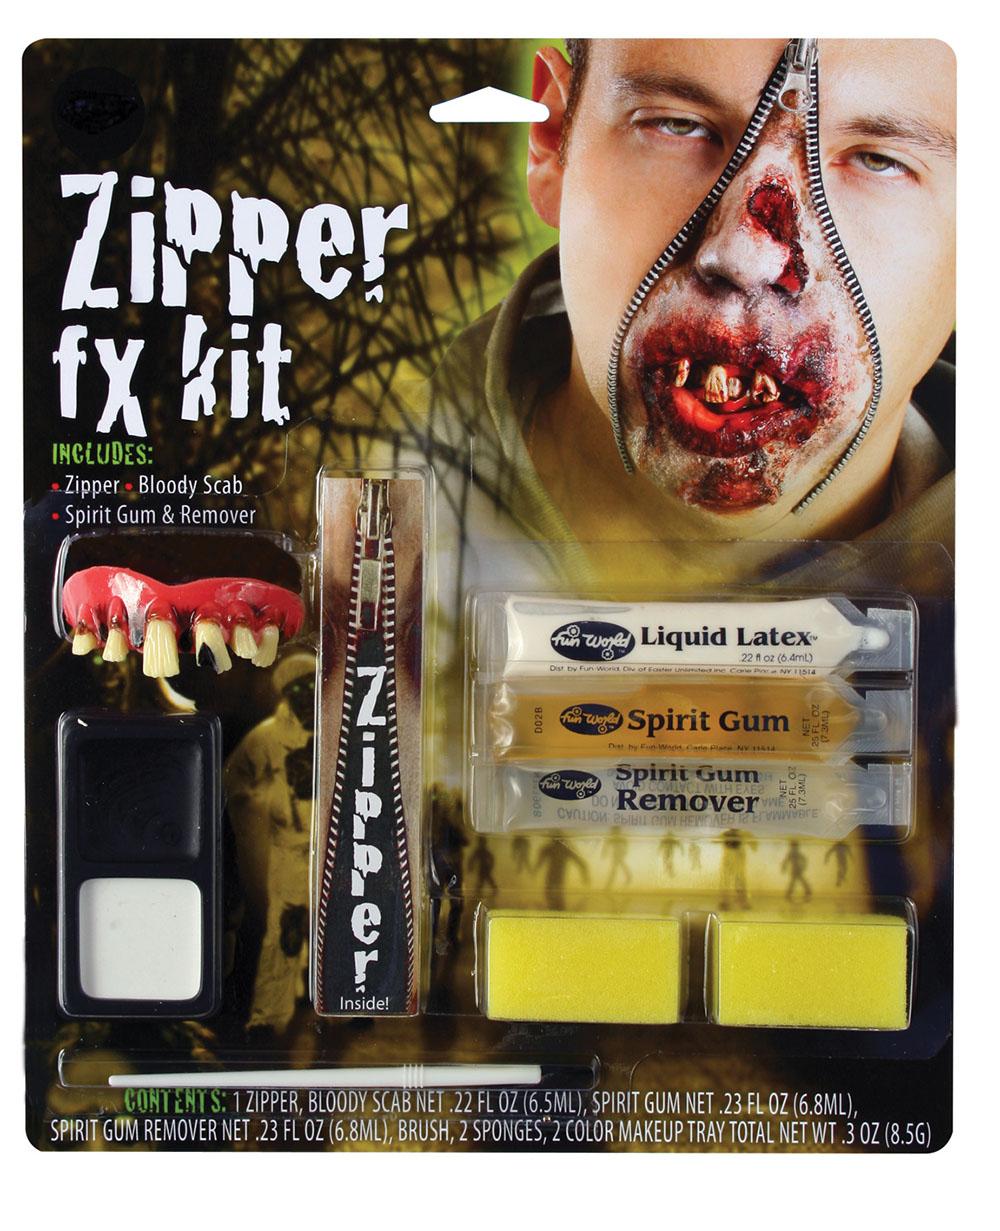 Zombie_Halloween_Makeup